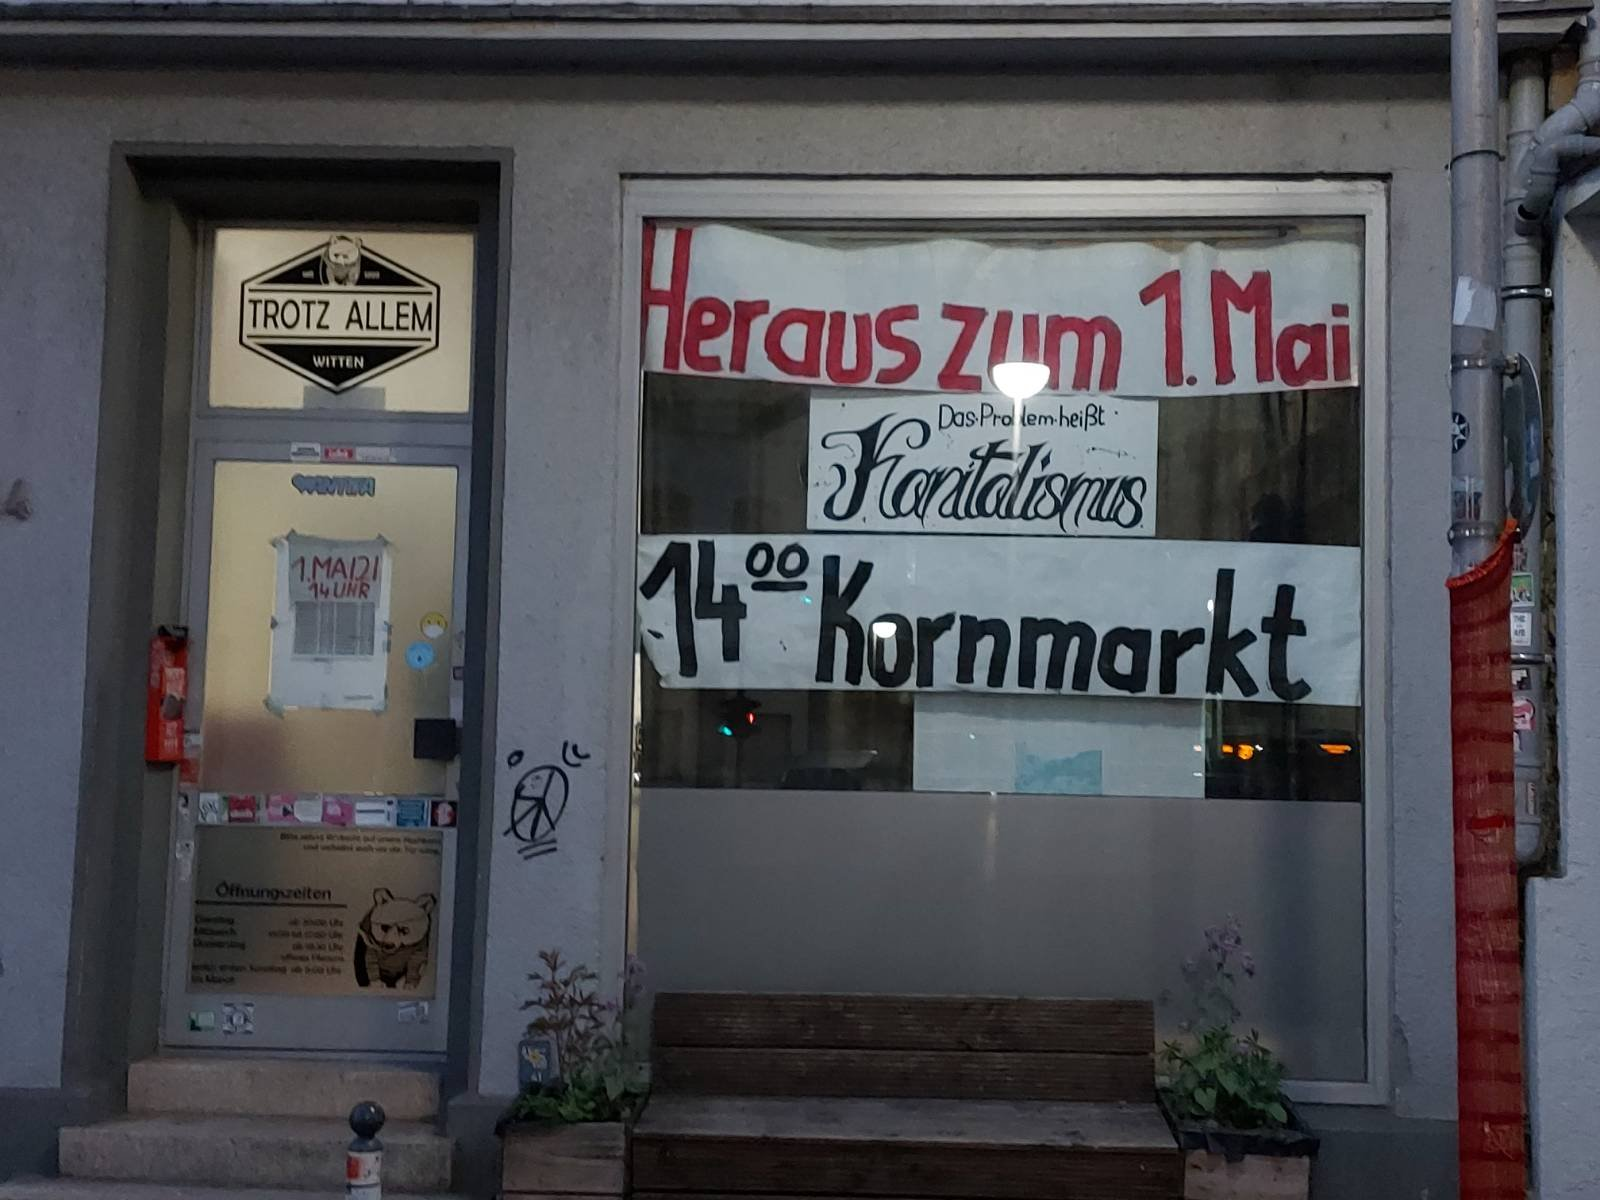 """Schaufenster des Trotz Allem mit Schriftzug """"Heraus zum 1. Mai – Das Problem heißt Kapitalismus – 14:00 Uhr, Kornmarkt"""""""